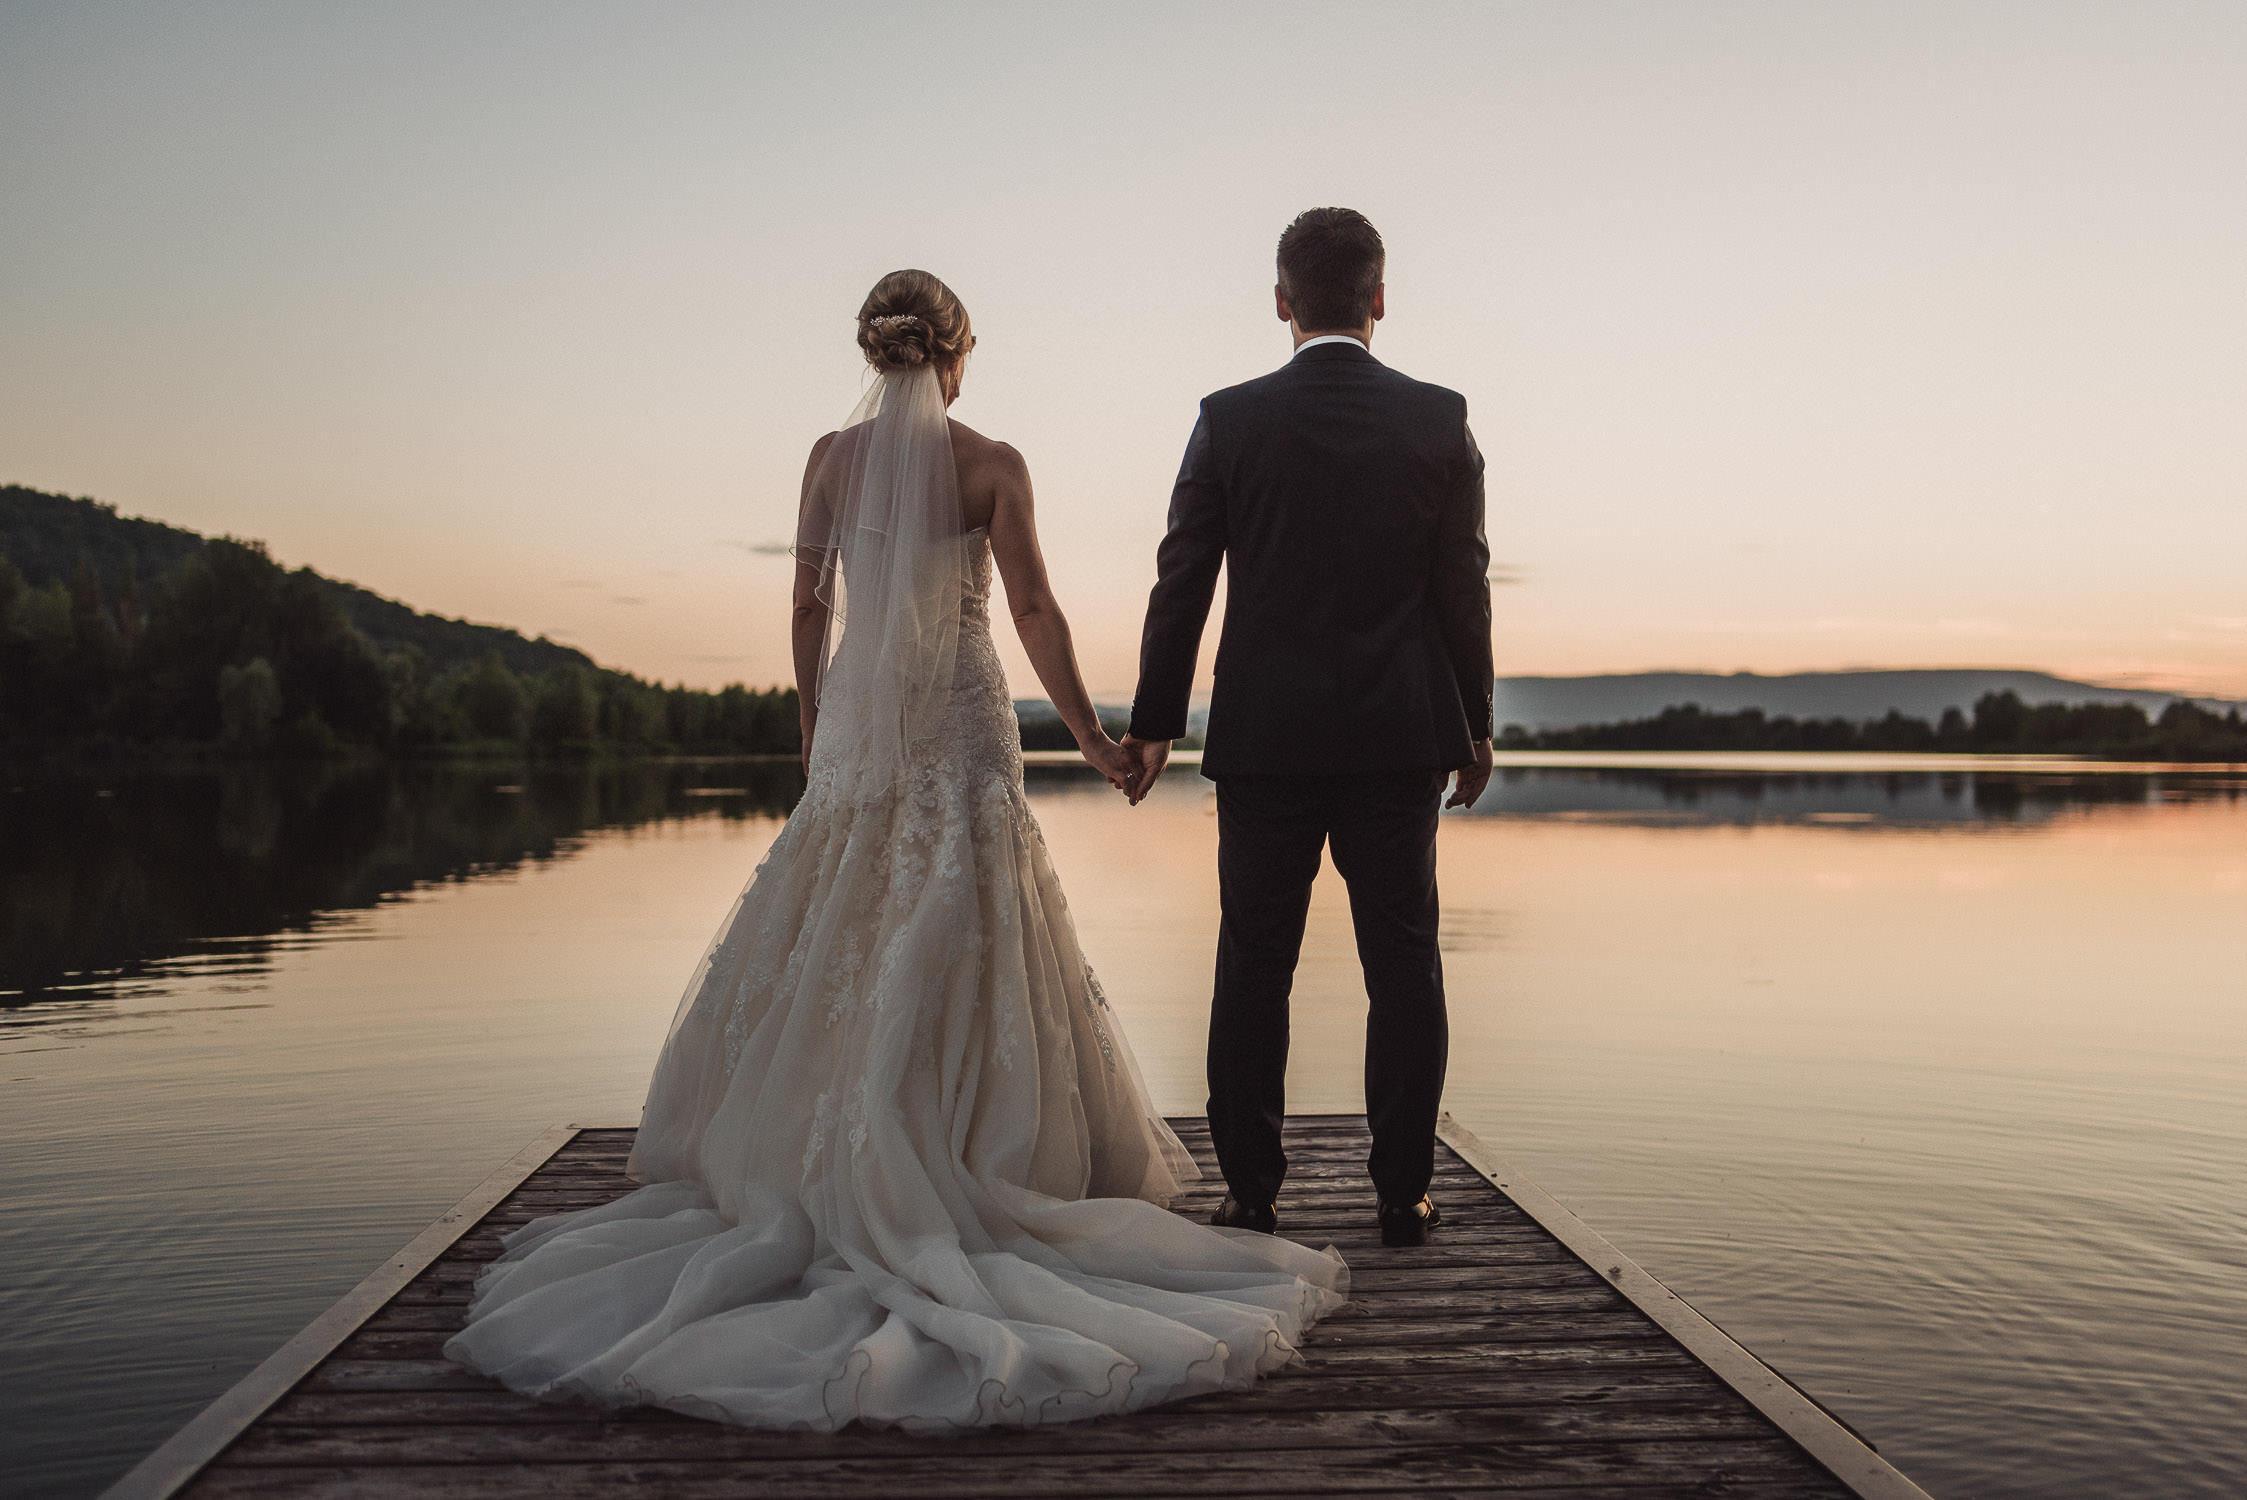 Hochzeitsfotos_Hochzeitsrepirtage_eschwege